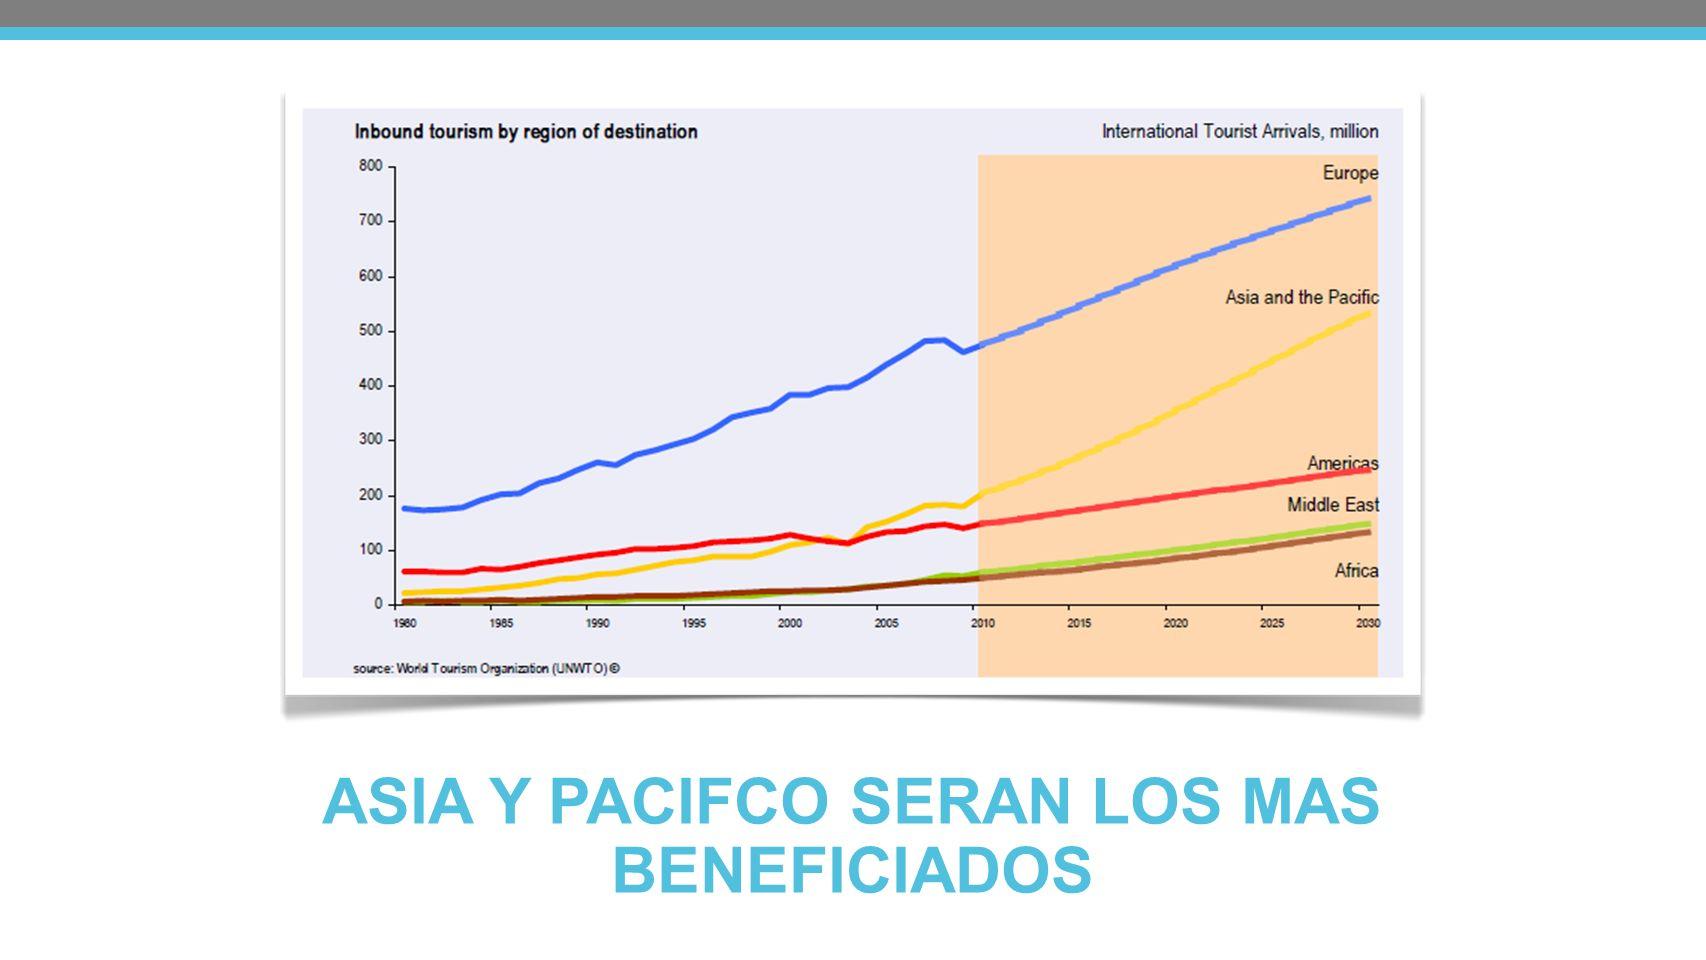 ASIA Y PACIFCO SERAN LOS MAS BENEFICIADOS